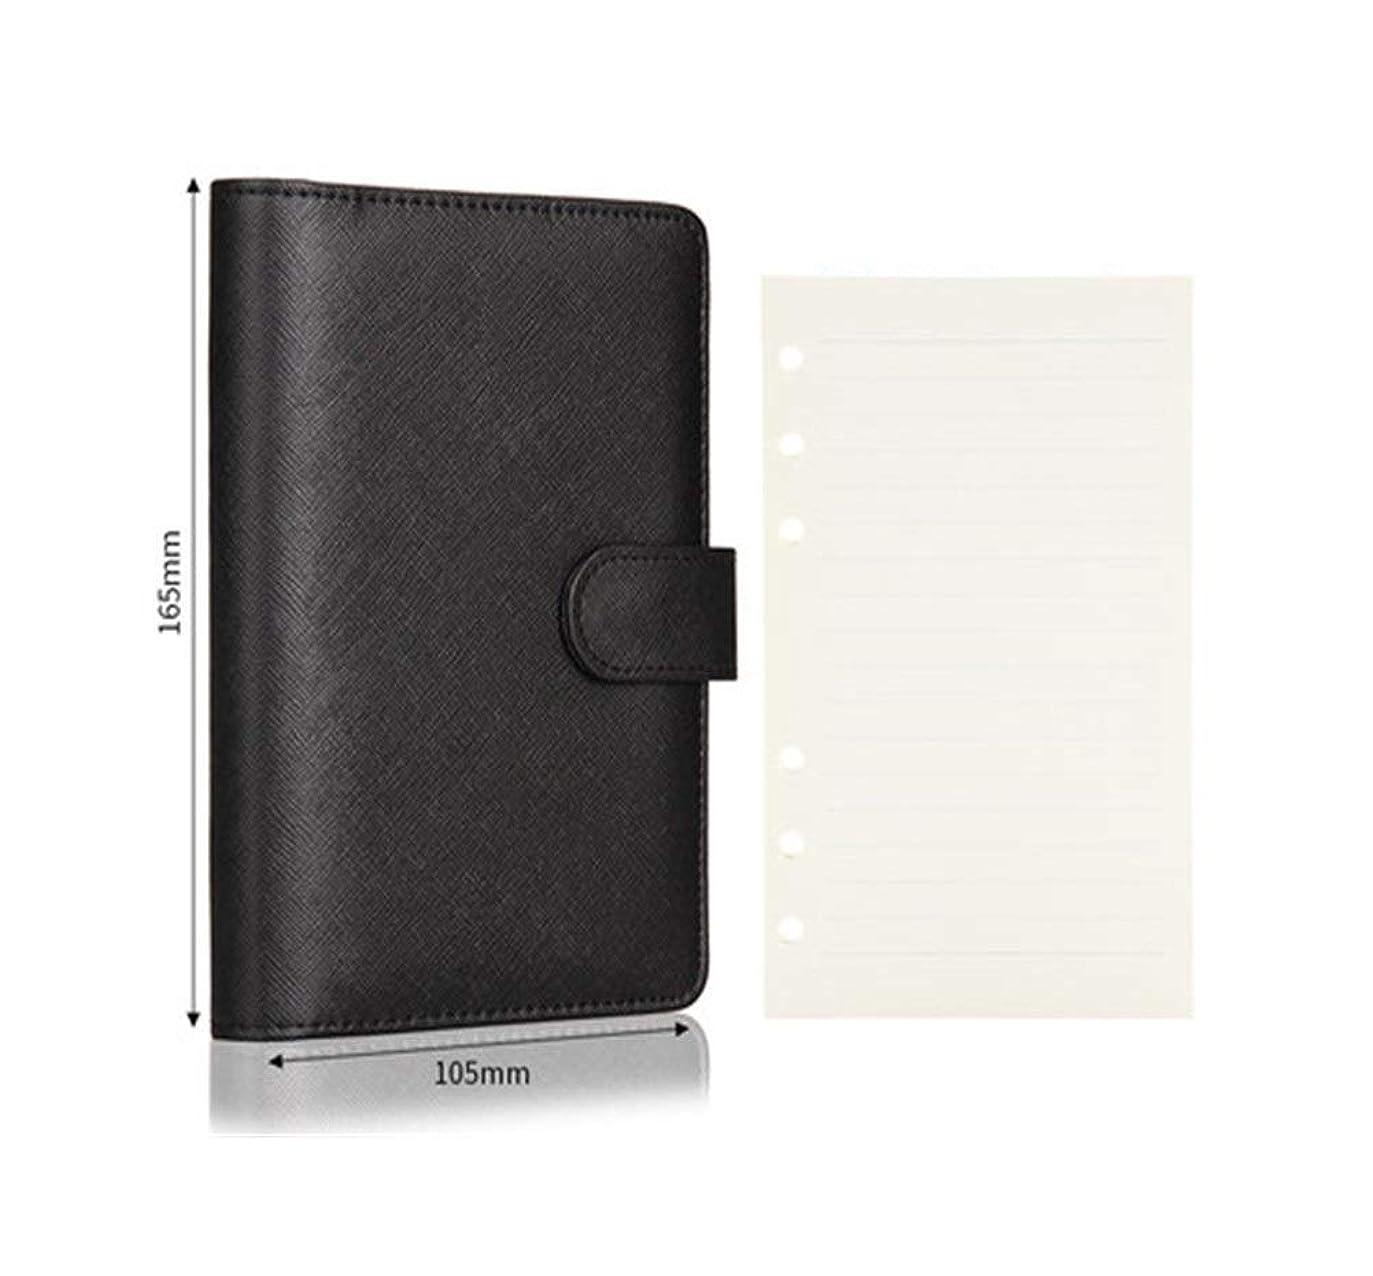 ポータブルルーズリーフノート、文房具営業所会議記録、取り外し可能なノート、日記、ノート、高品質 (Color : Black, Style : A5)